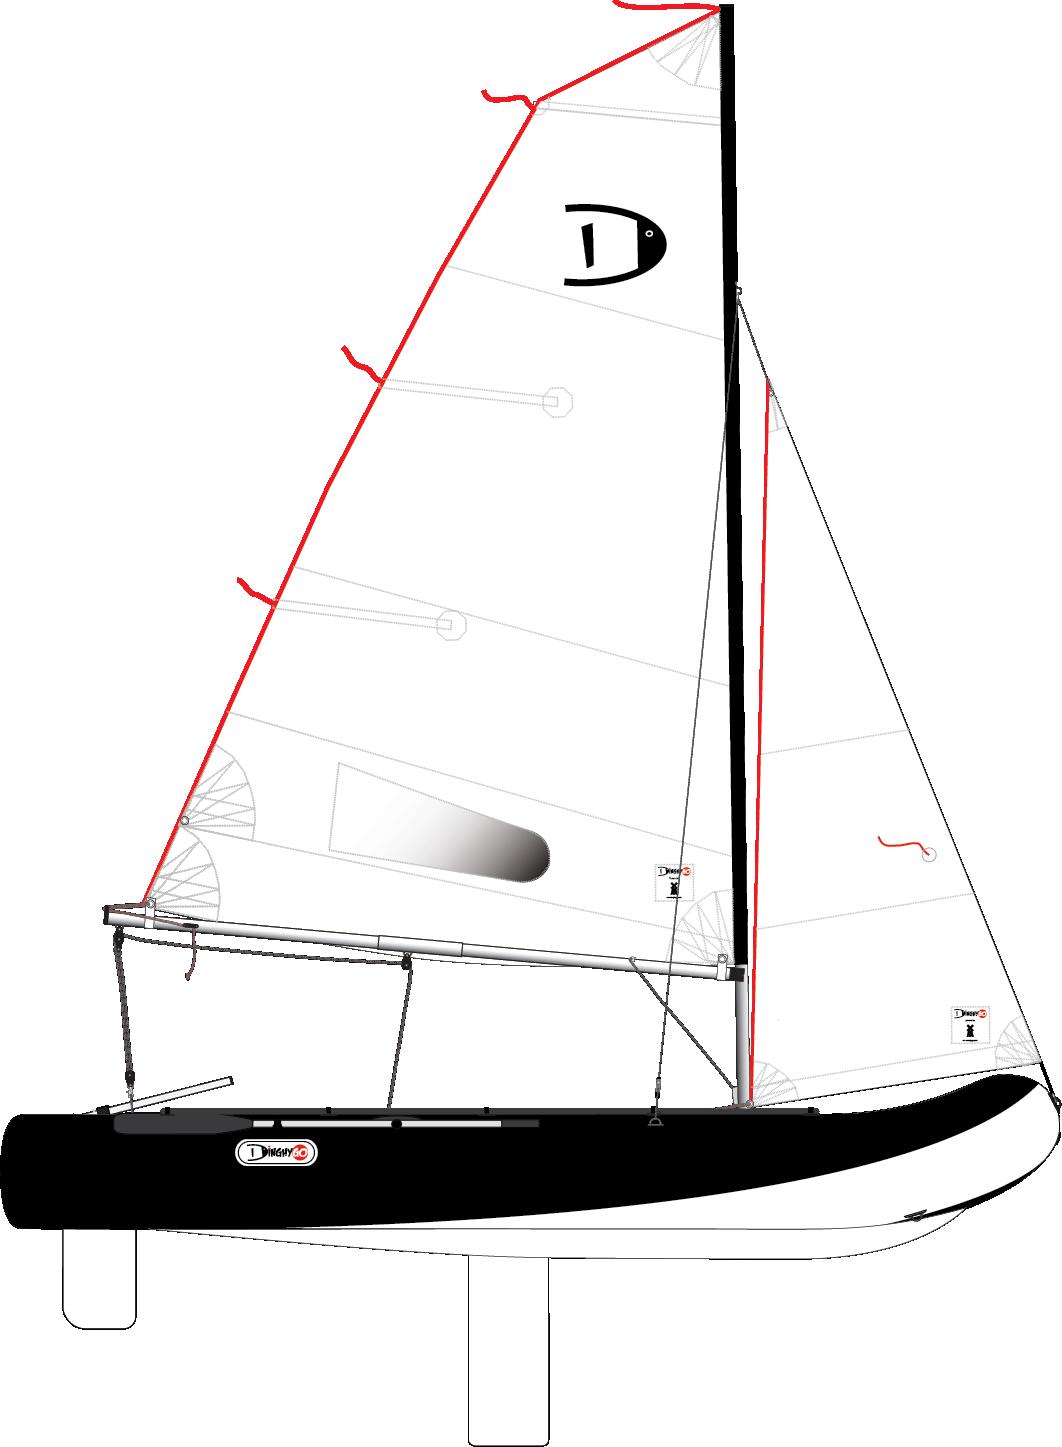 DinghyGo Orca 375 (livraison avril 2021)